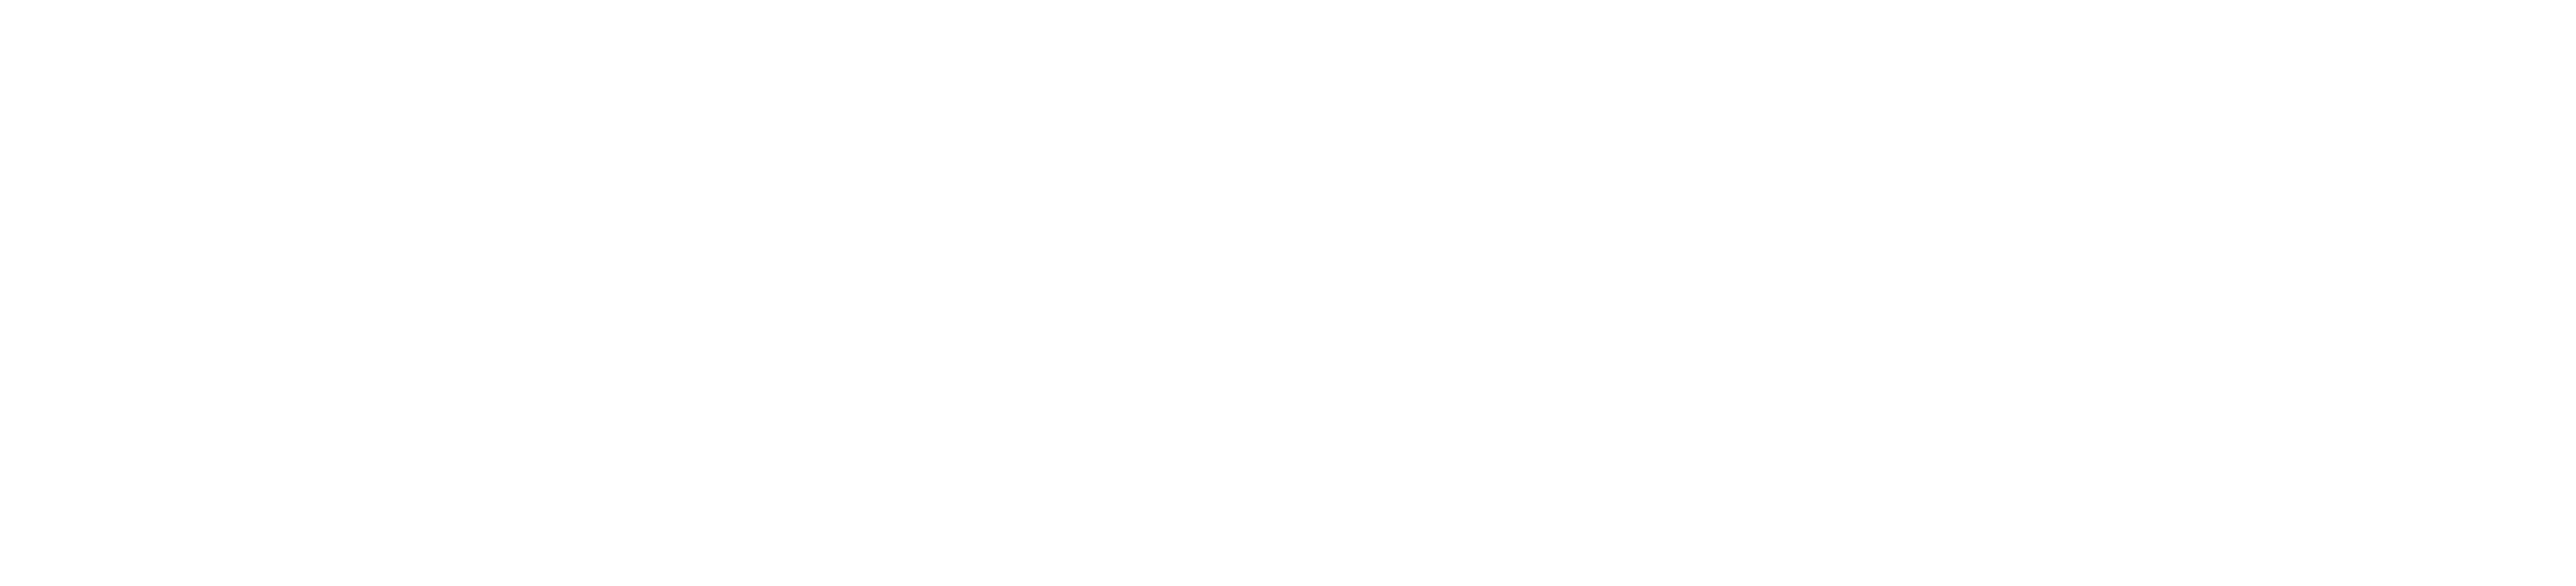 Windows´10 Pro_Windows